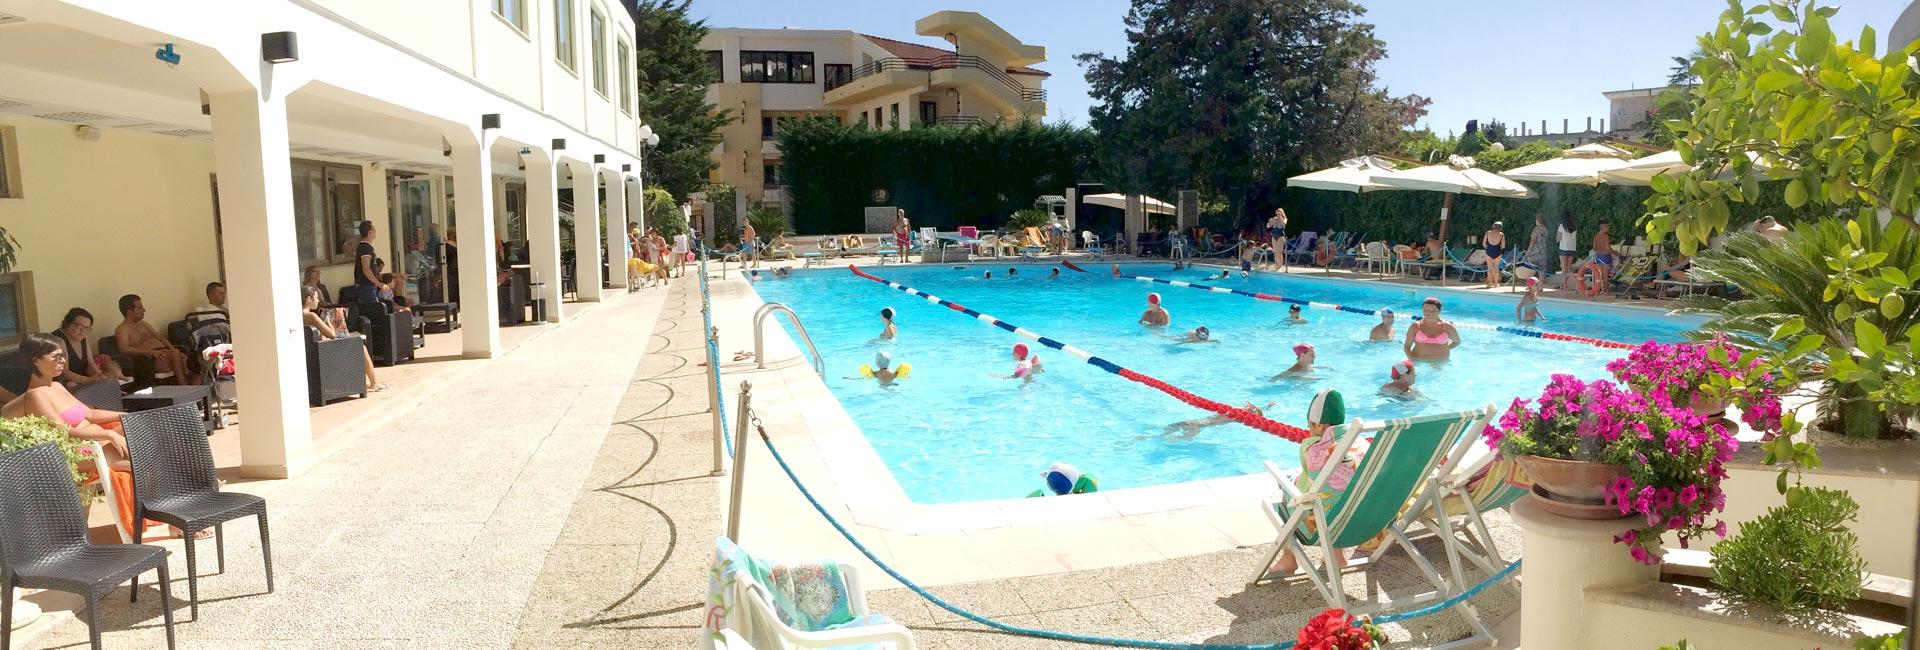 Tra i migliori hotel 4 stelle con piscina a San Giovanni Rotondo in ...